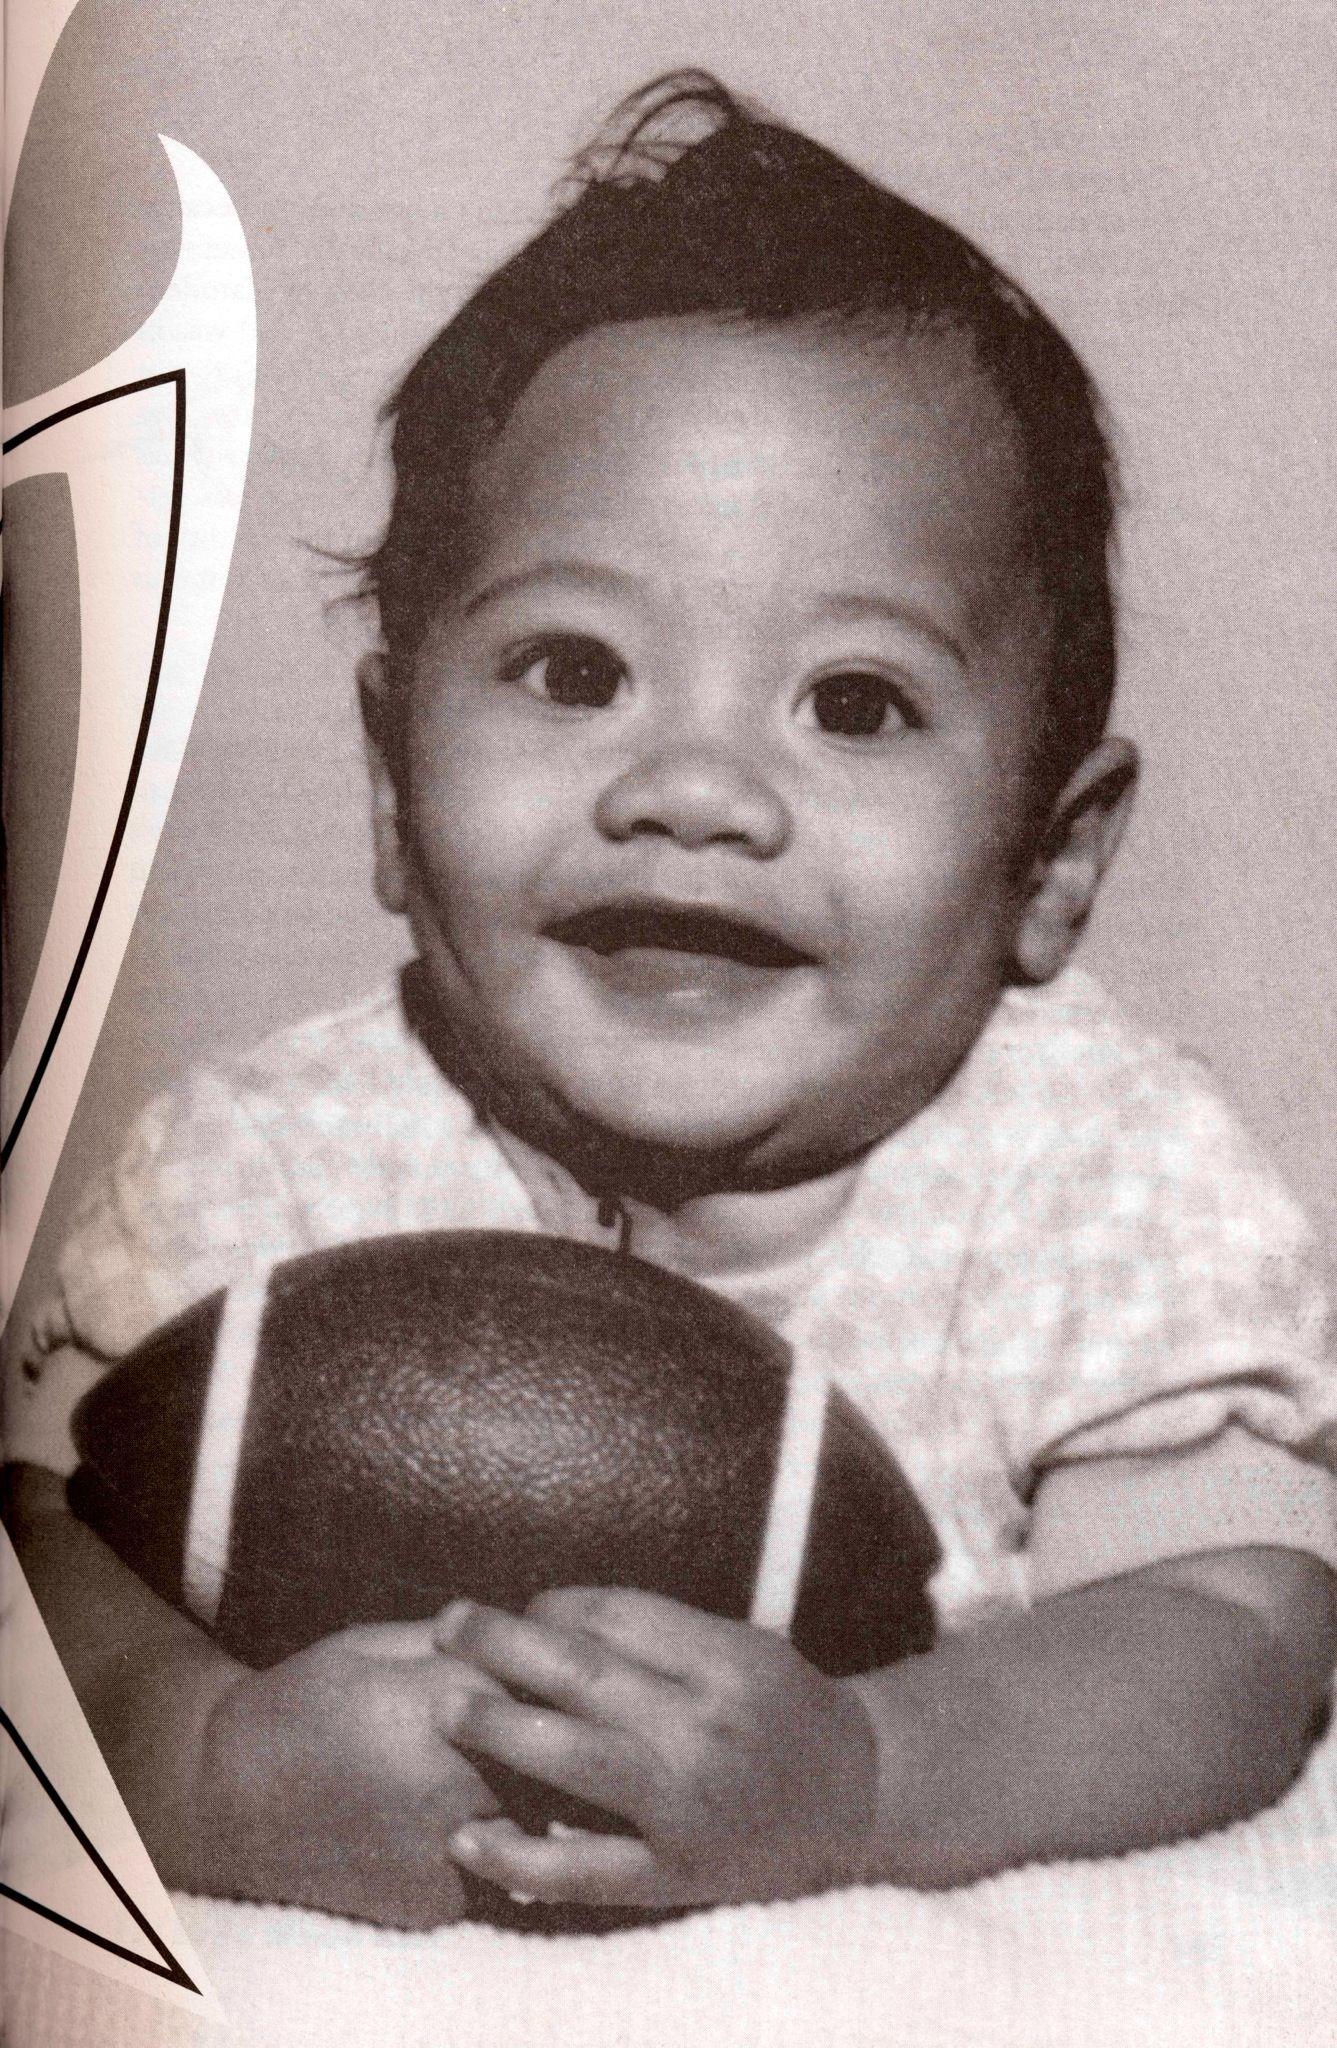 Dwayne Johnson The Rock As A Baby The Rock Dwayne